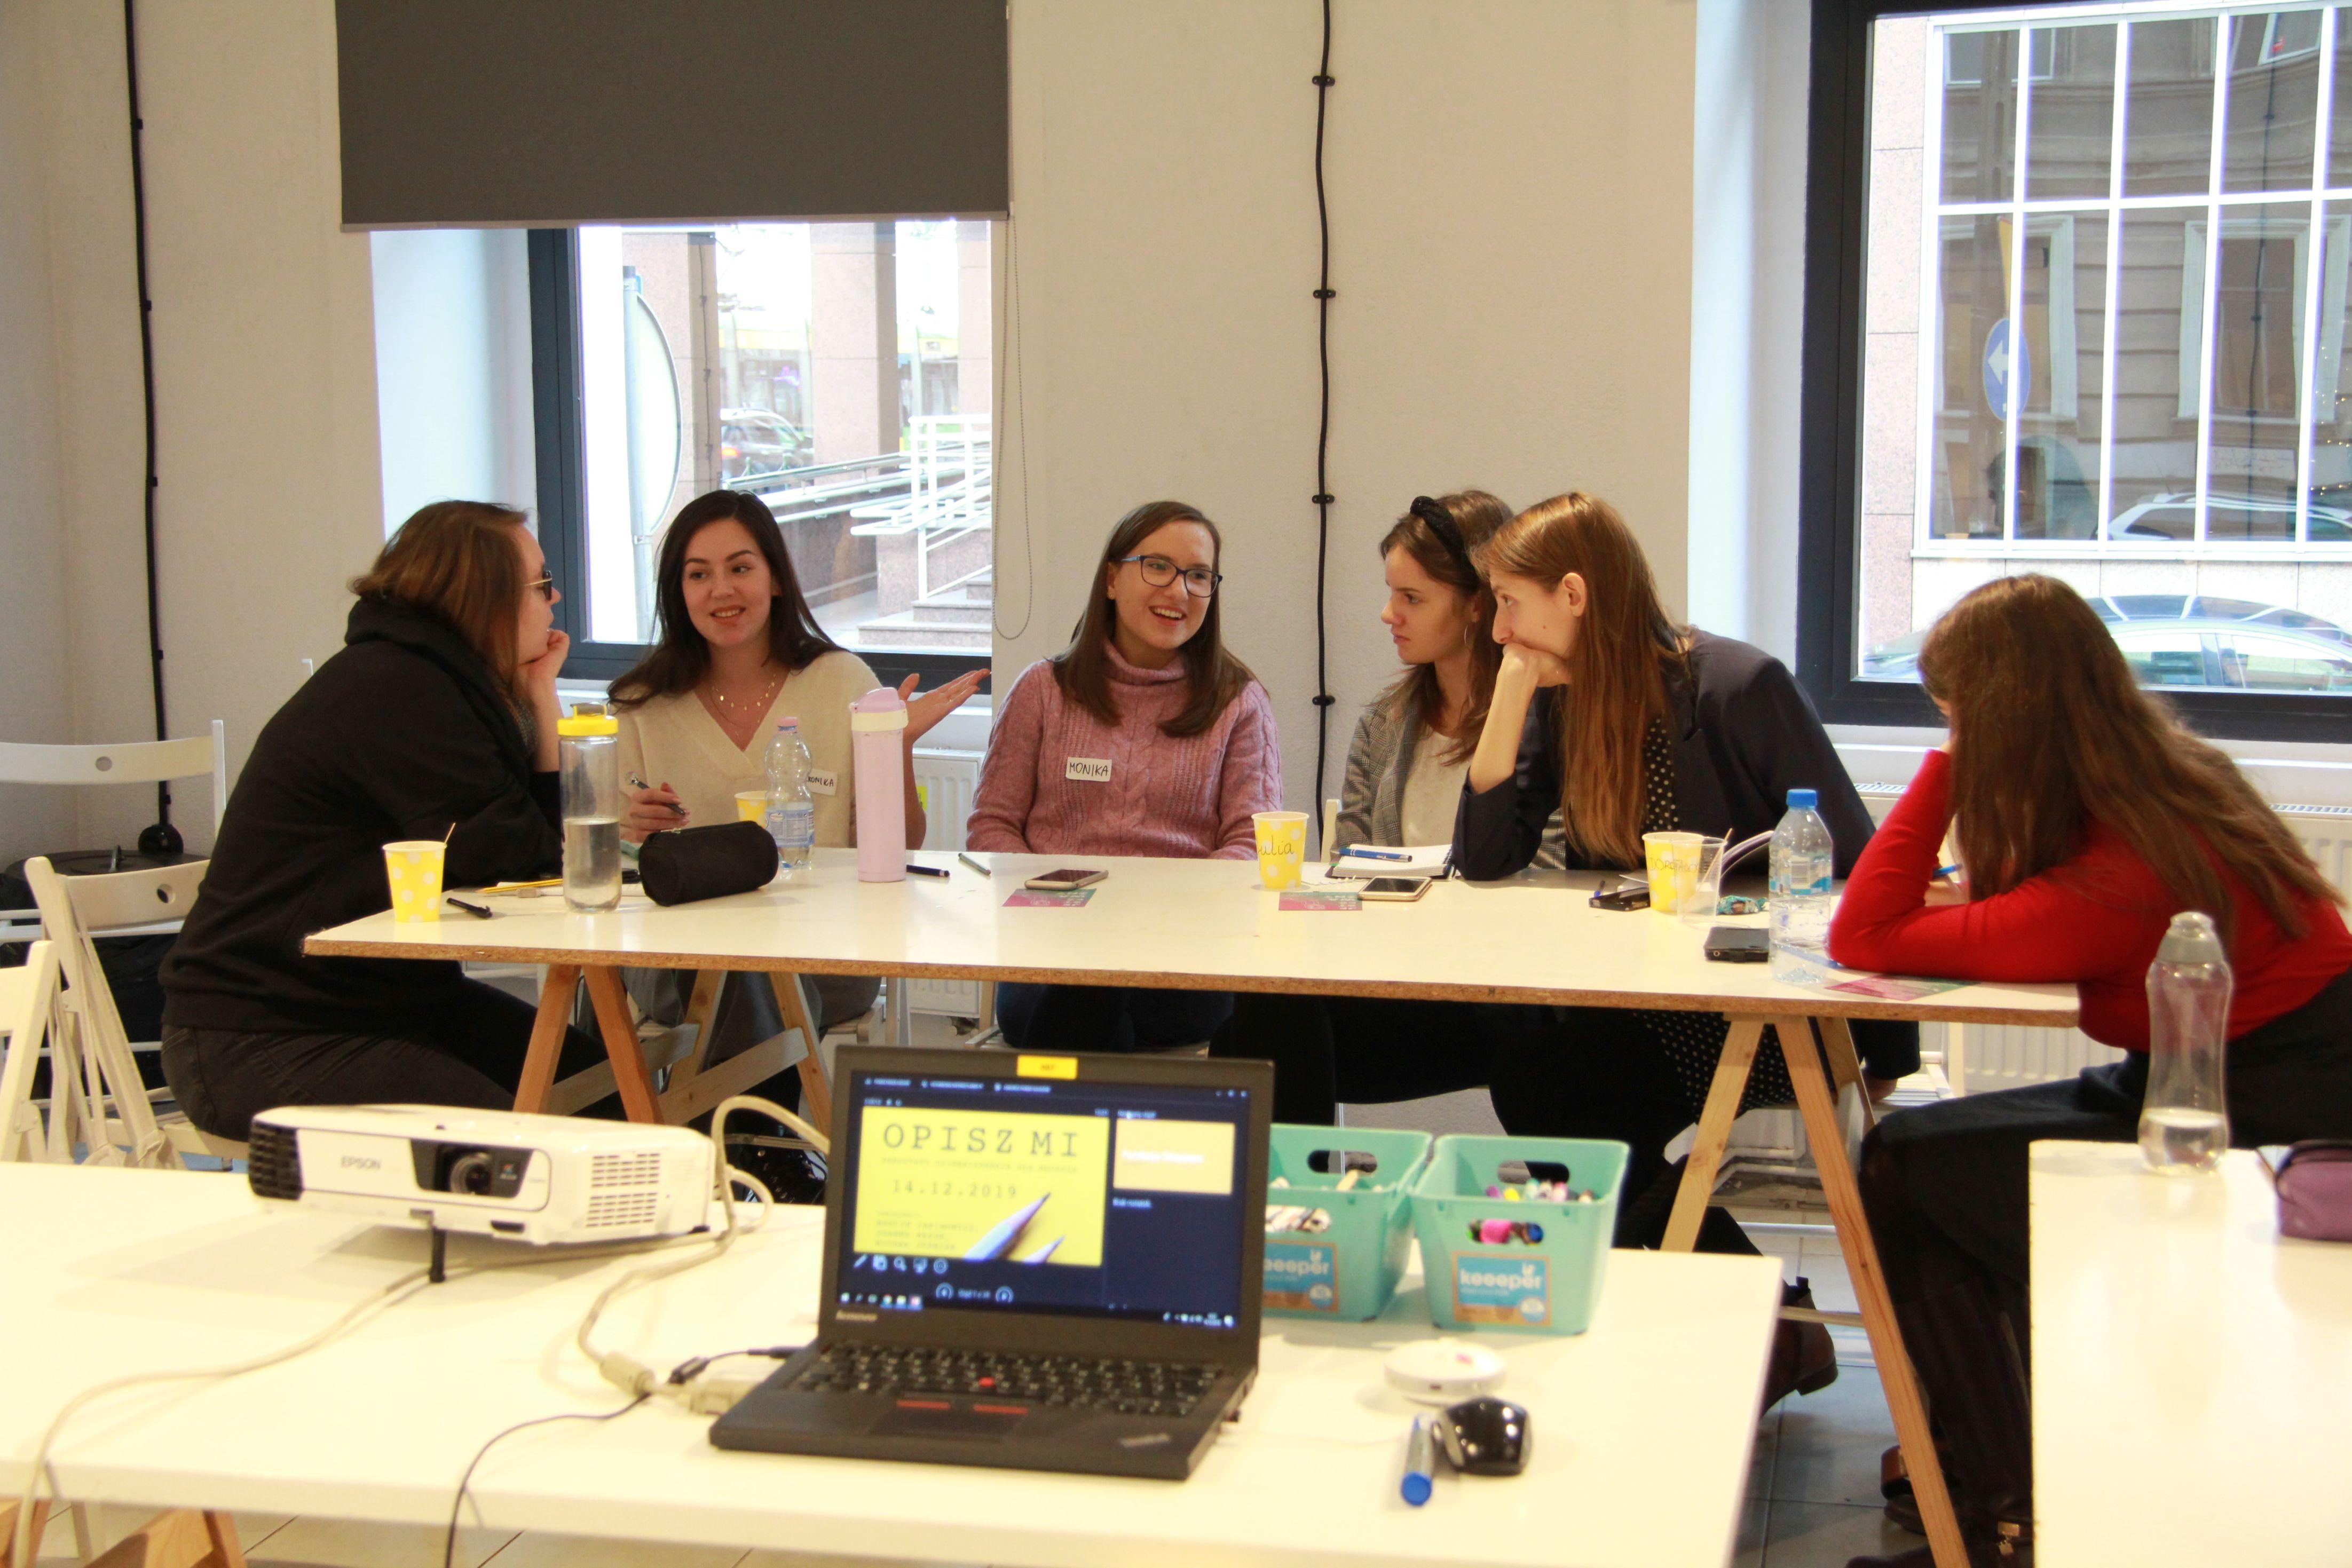 Opisz mi - warsztaty dziennikarskie dla młodzieży